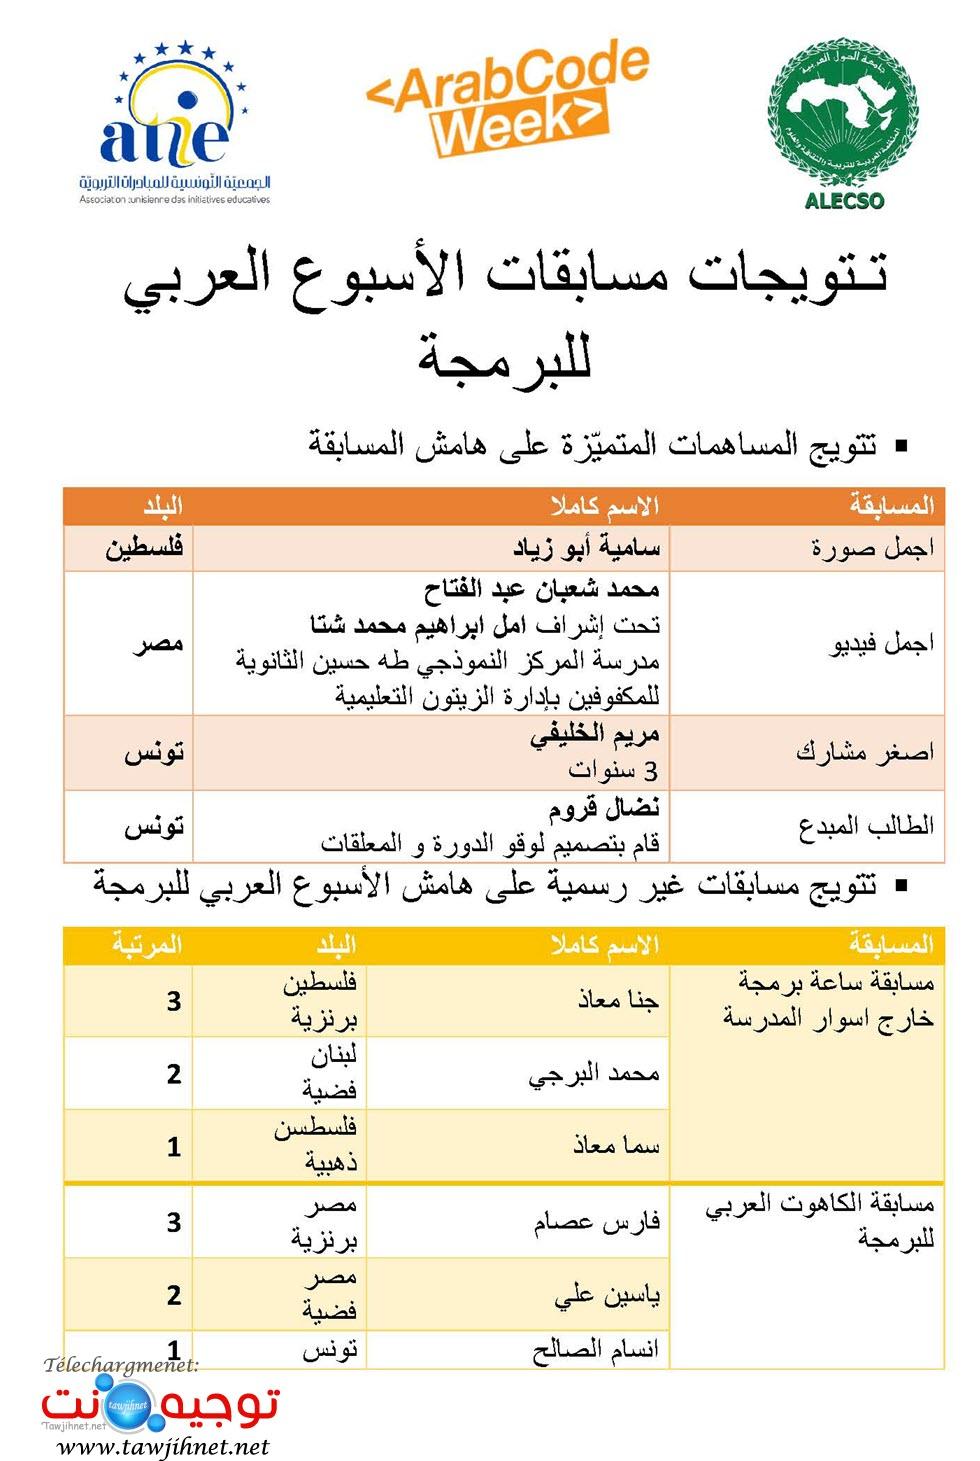 نتائج المسابقة العربية للبرمجة الالسكو_Page_1.jpg